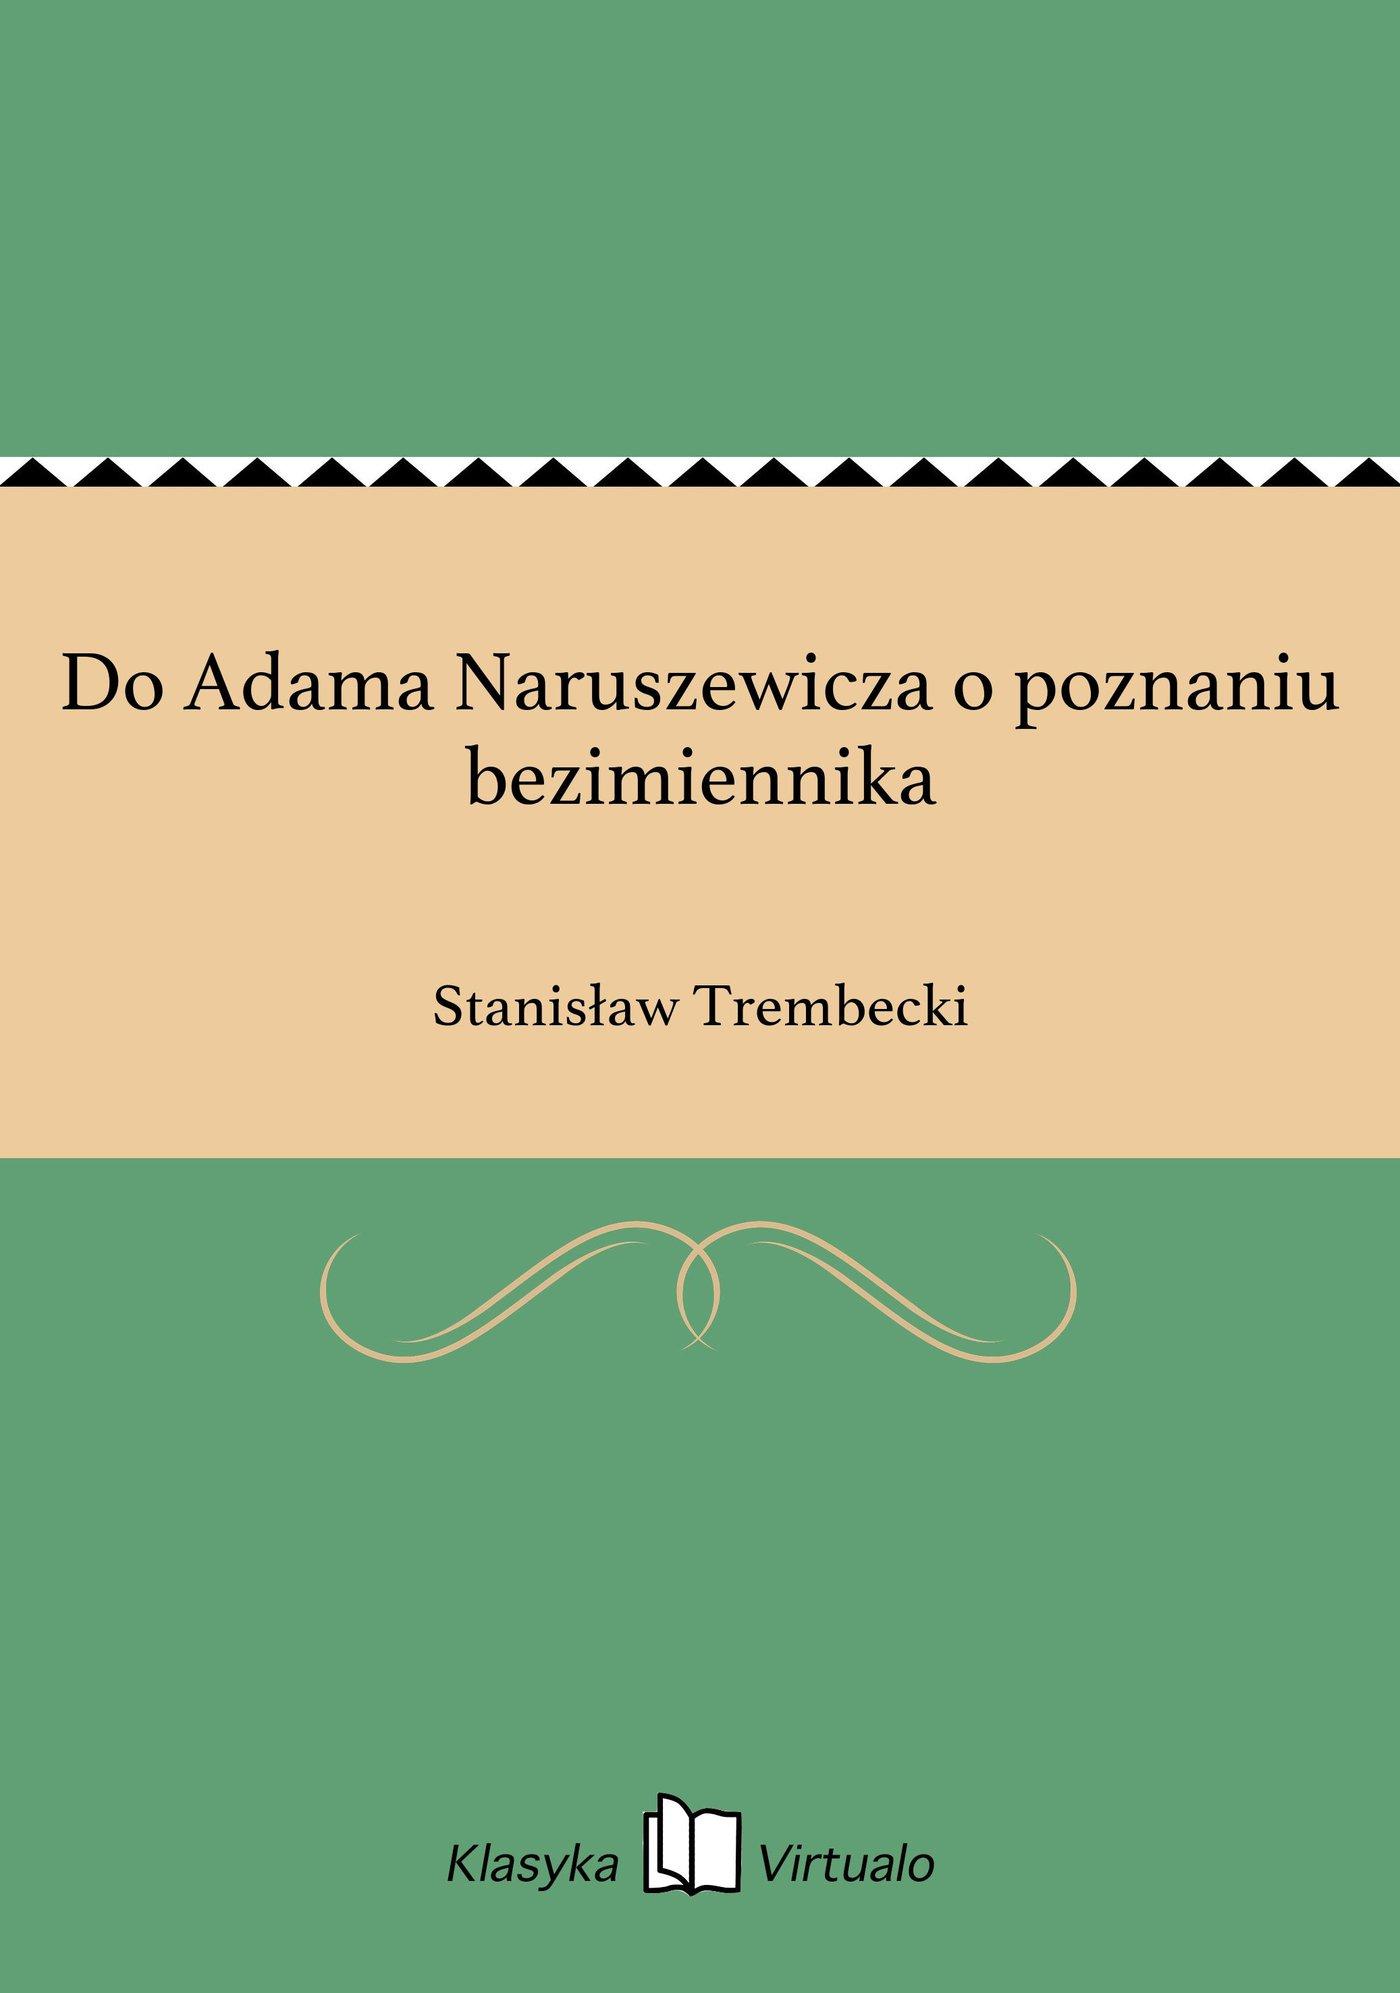 Do Adama Naruszewicza o poznaniu bezimiennika - Ebook (Książka EPUB) do pobrania w formacie EPUB